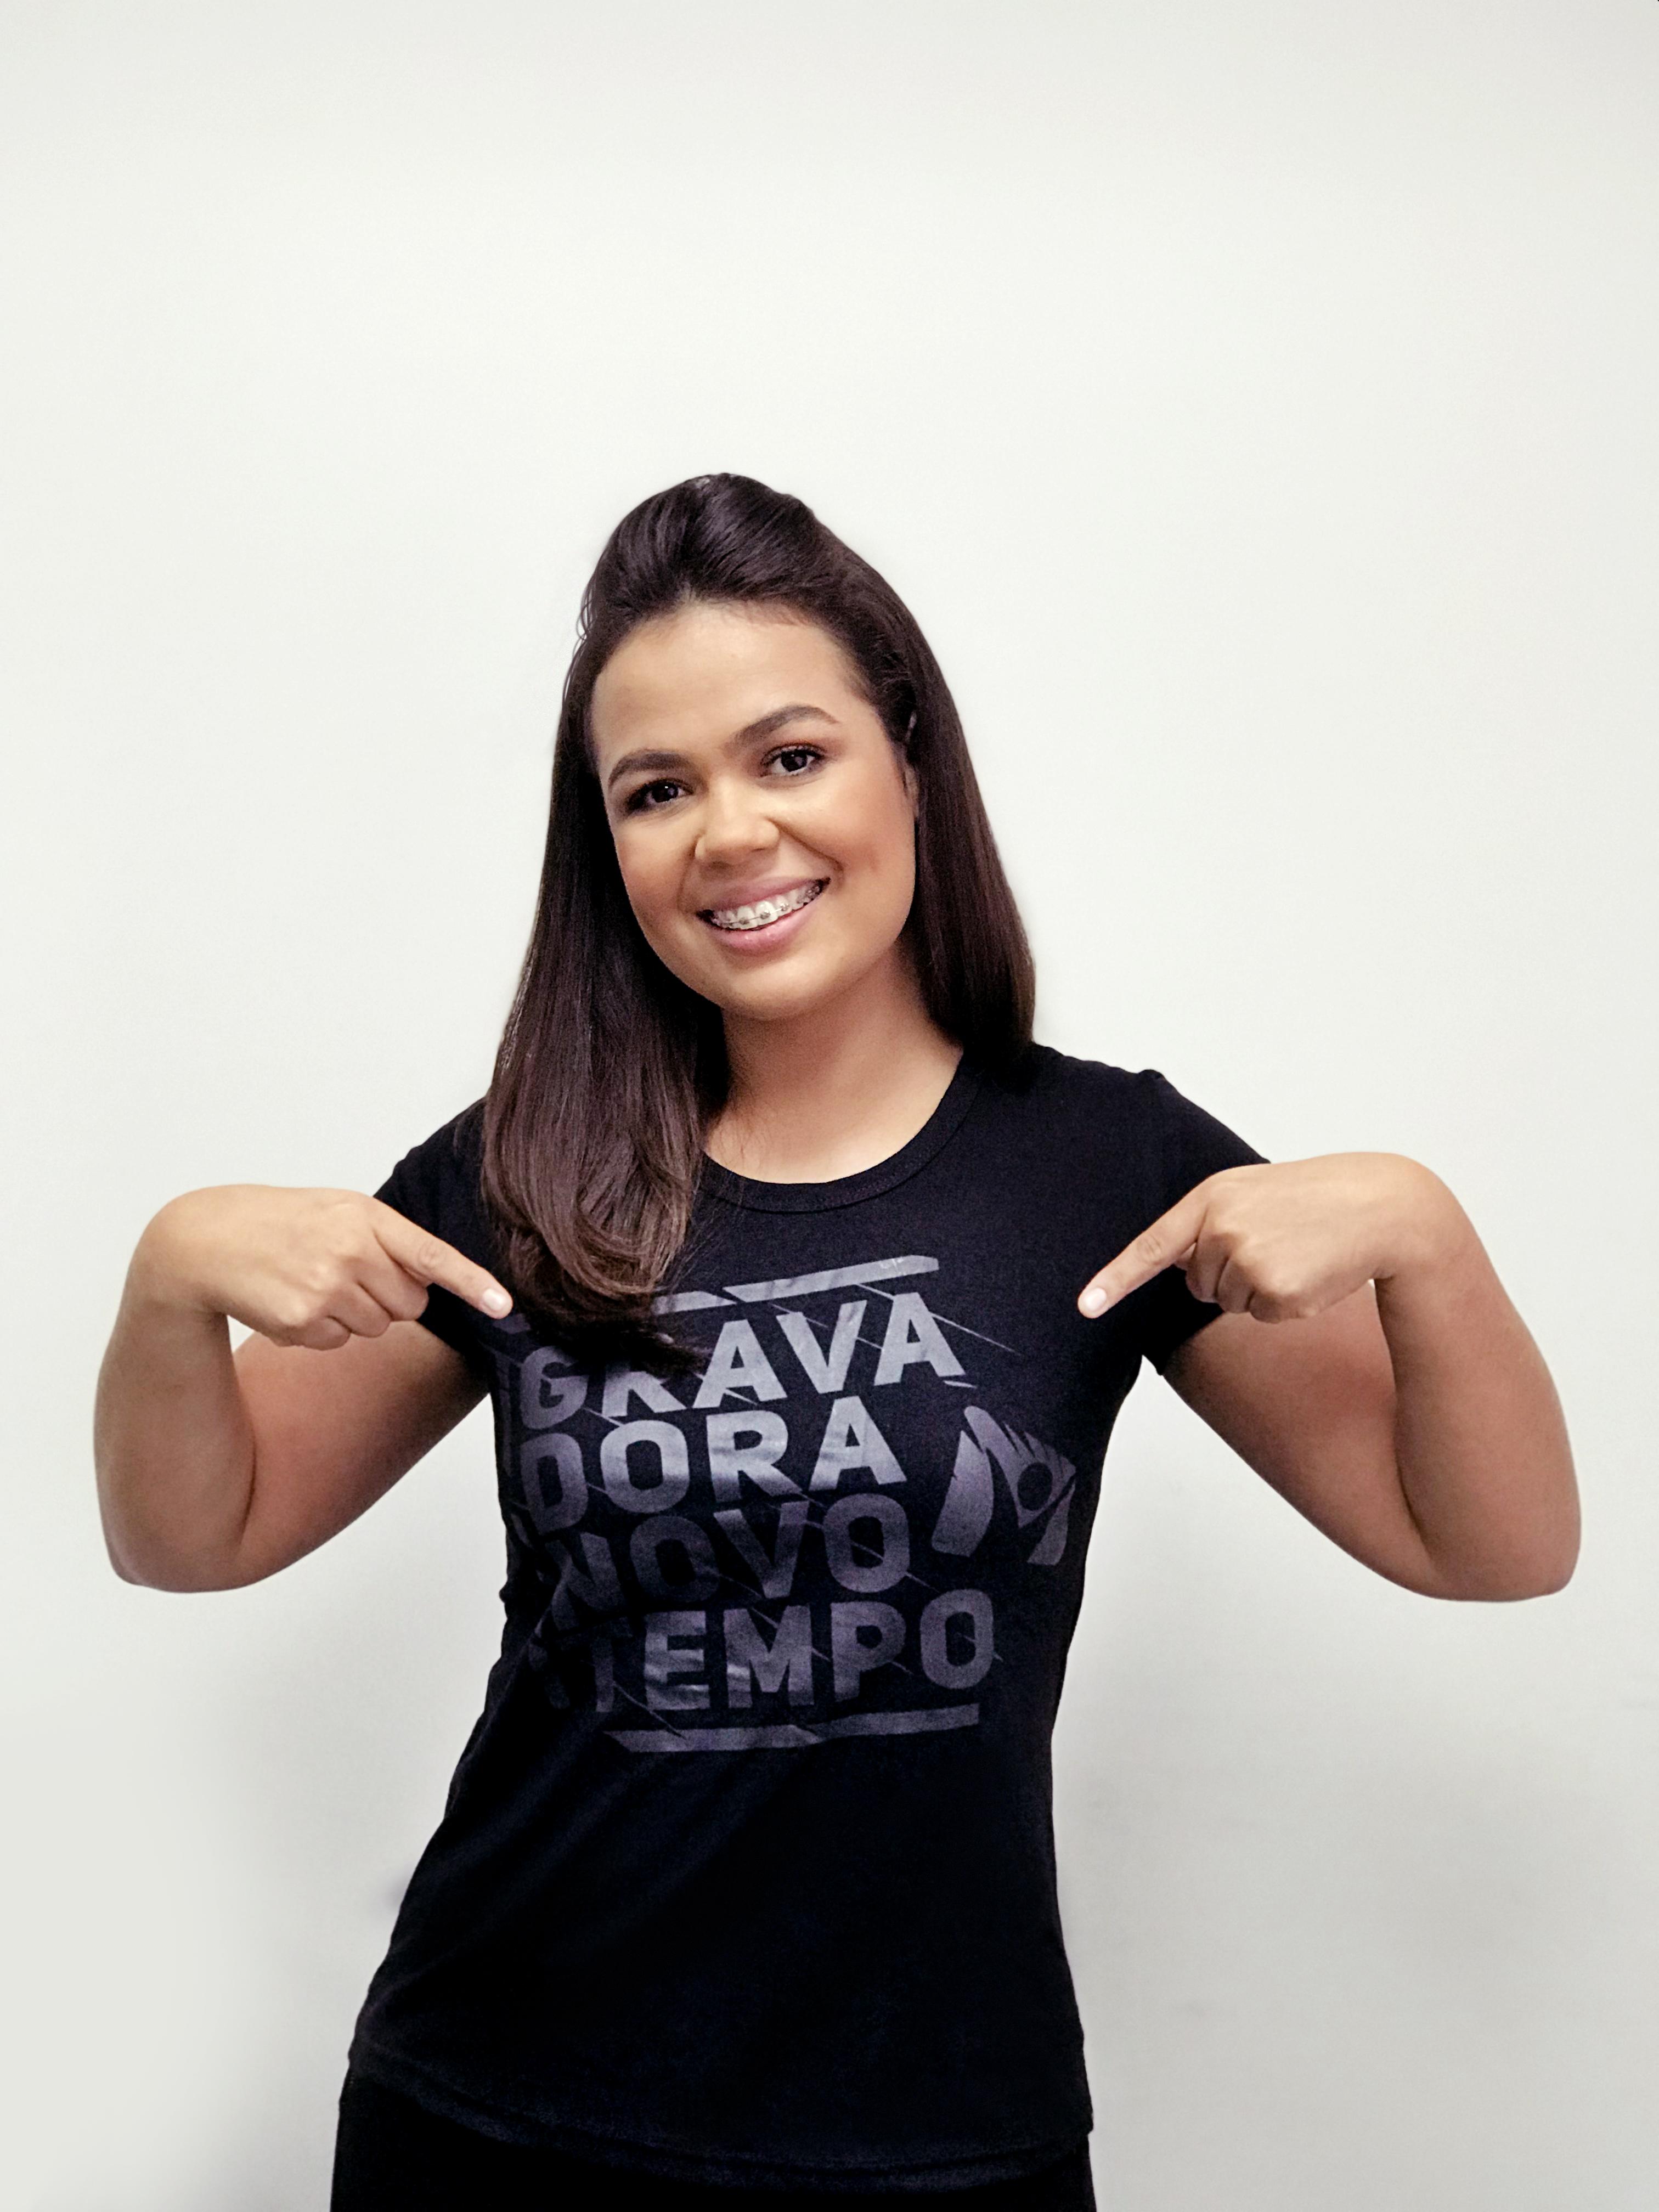 Camiseta Gravadora Preta.